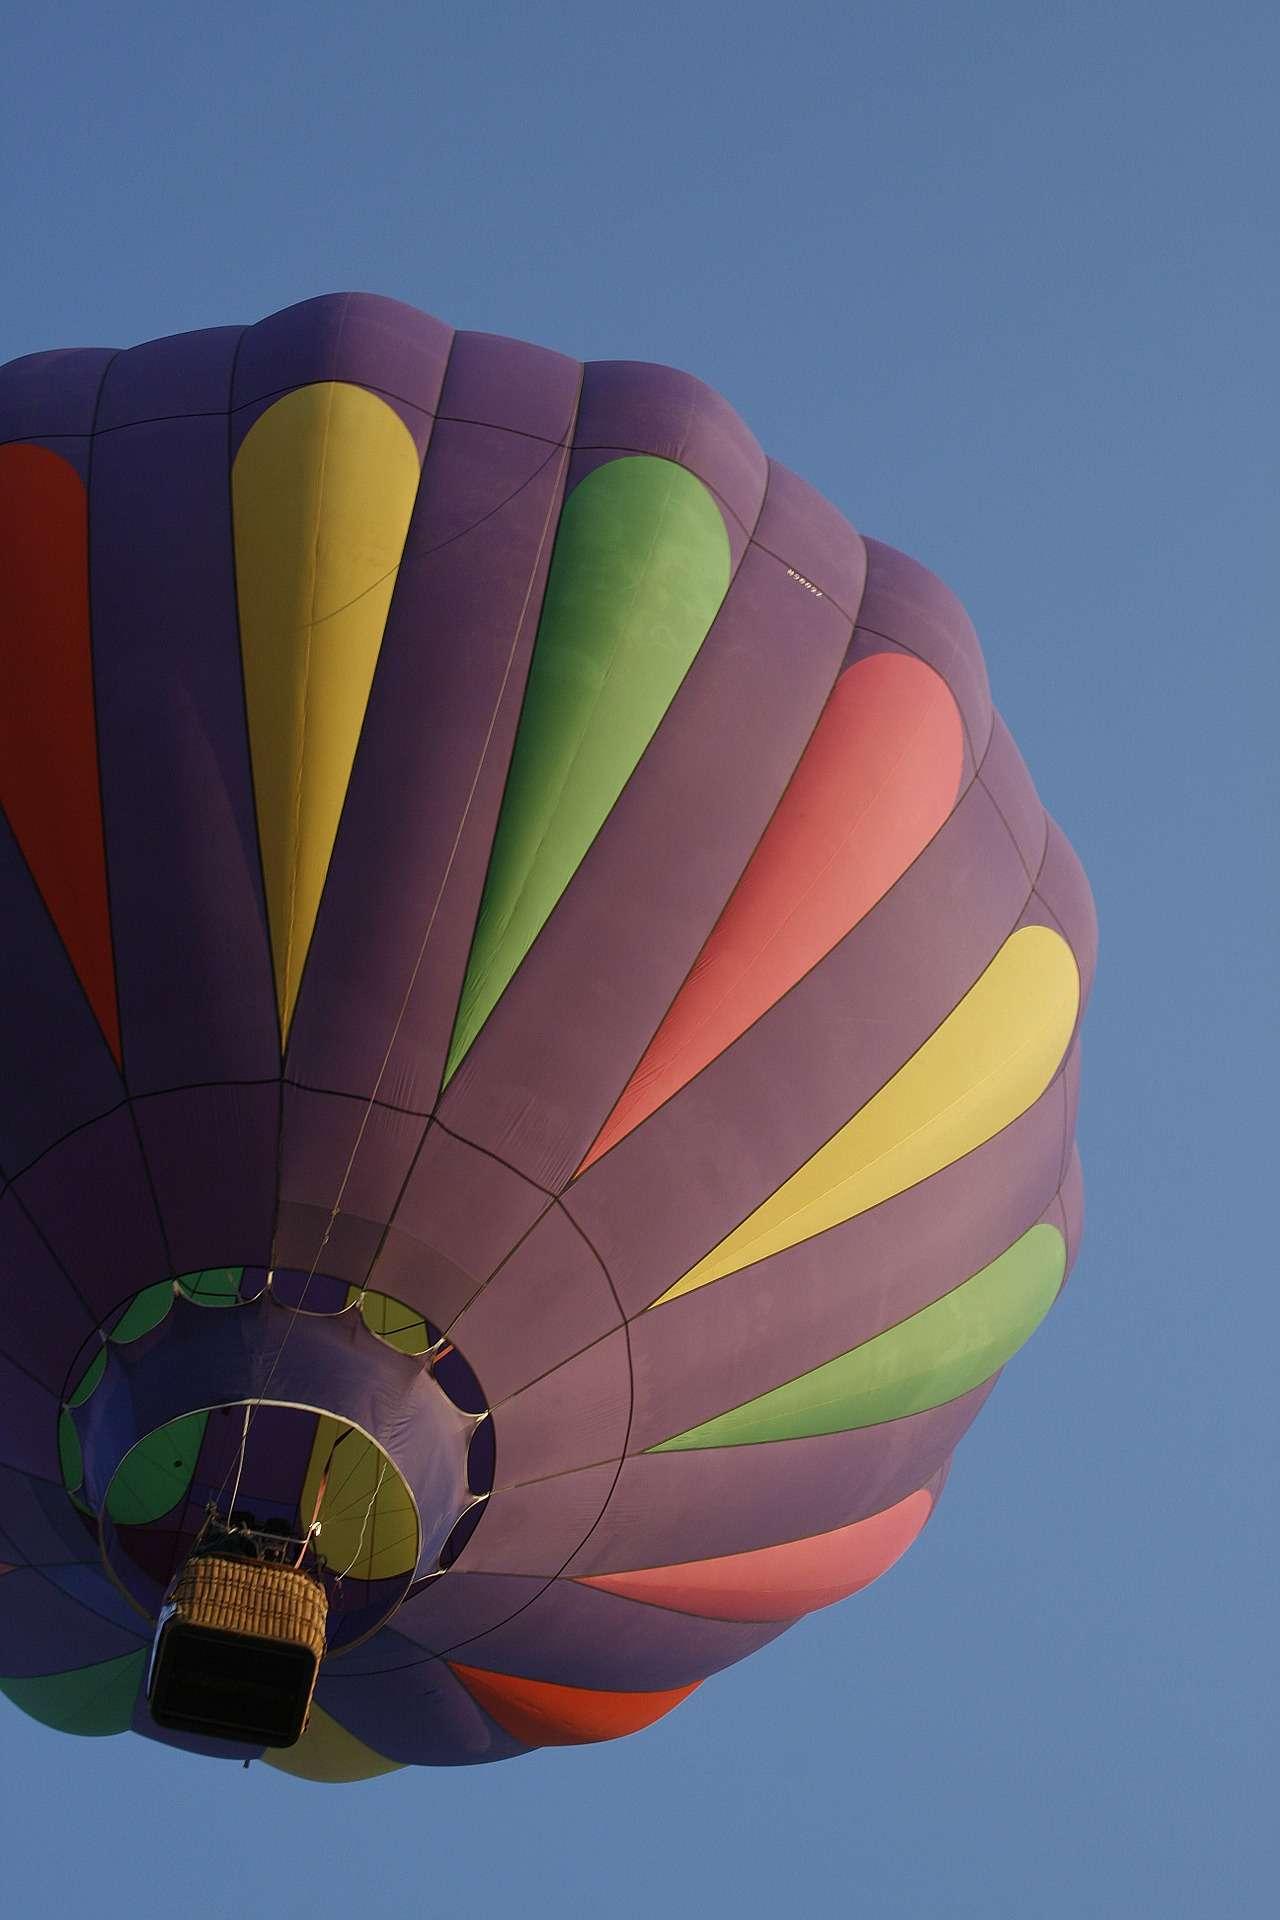 ballon-616643_1920